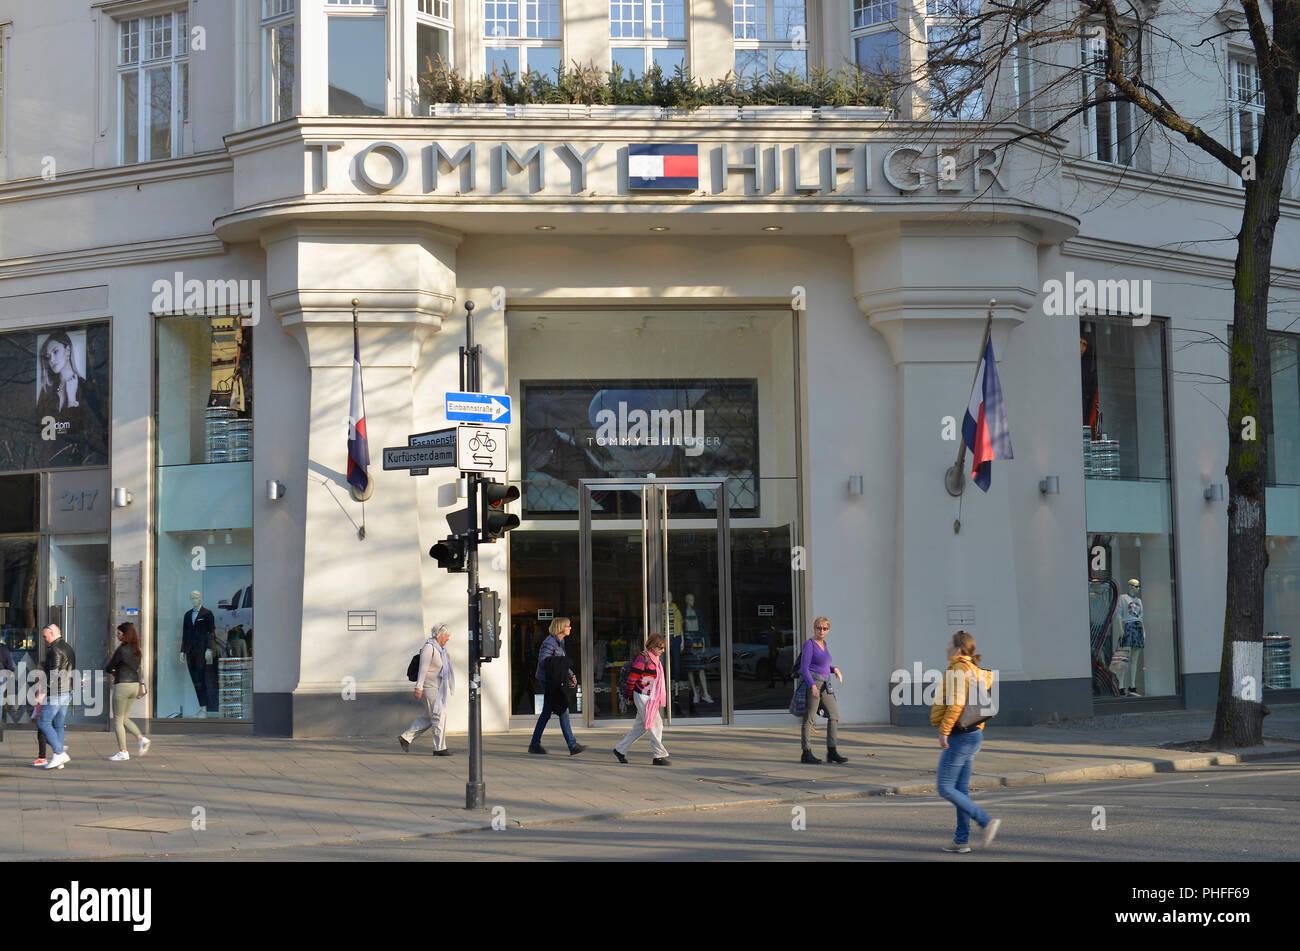 Tommy Hilfiger, Kurfuerstendamm, Charlottenburg, Berlin